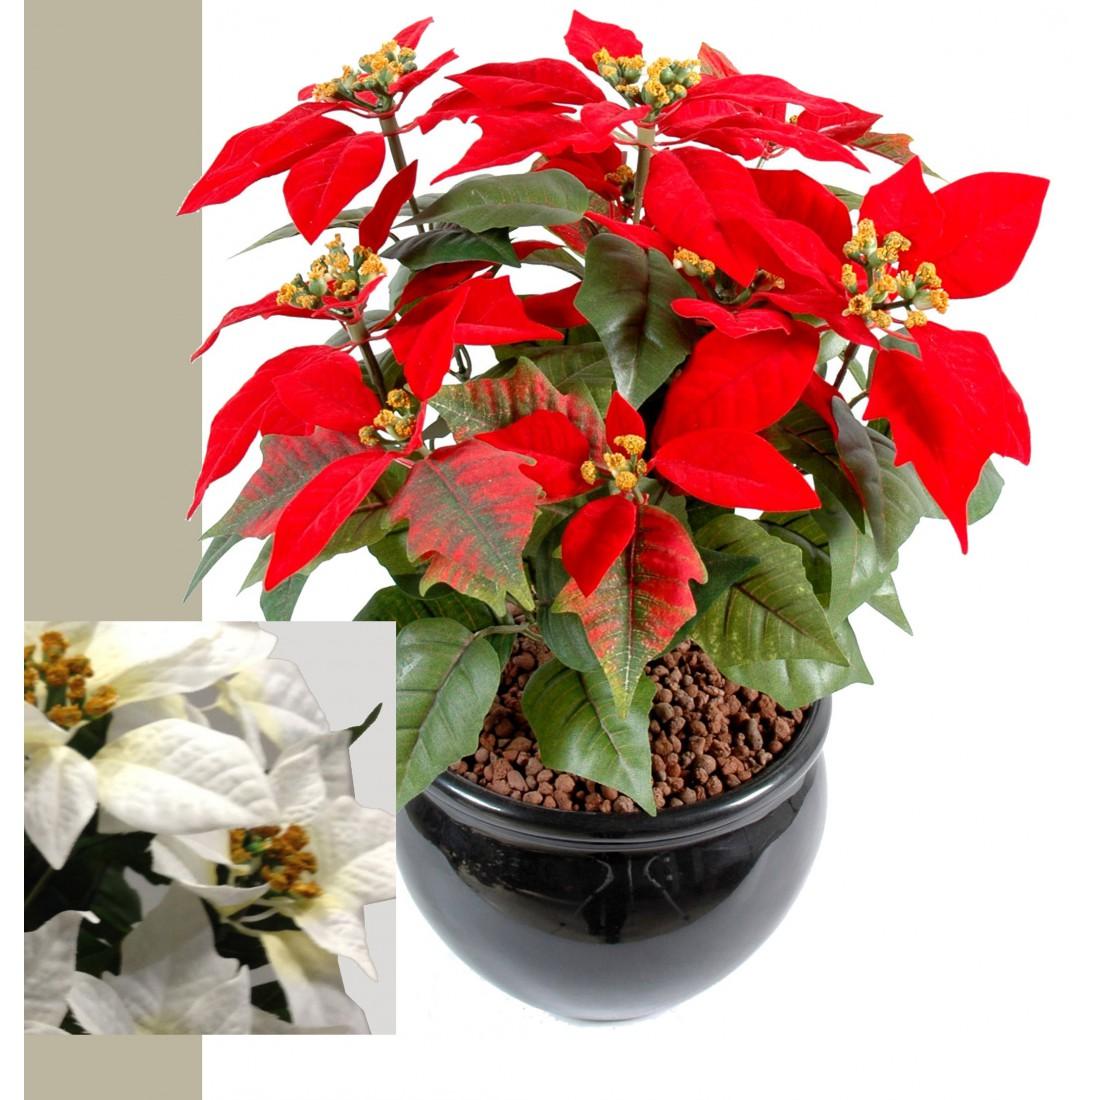 Etoile De Noel Plante Exterieur poinsetia artificiel (etoile de noël) 42 cm - plantes